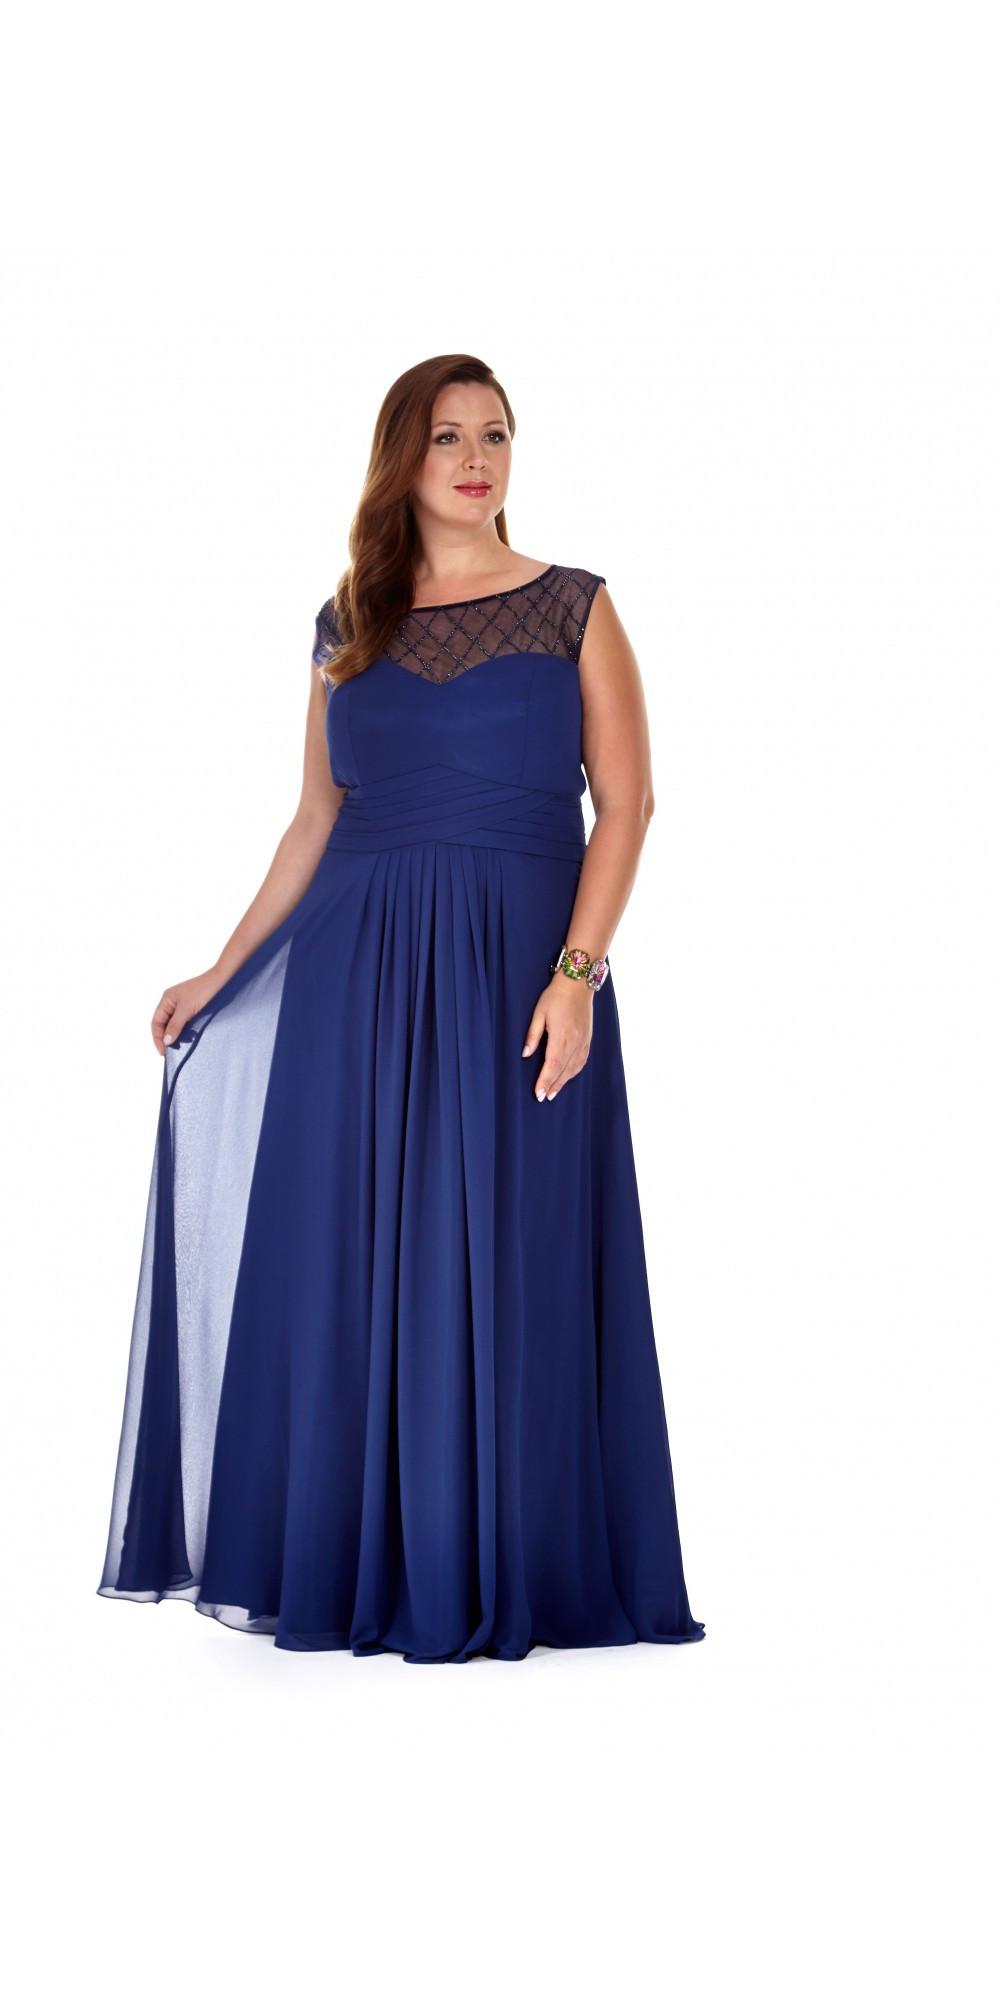 Chiffon Wedding Gown  Vintage Style Chiffon Wedding Gown by Sydney s Closet